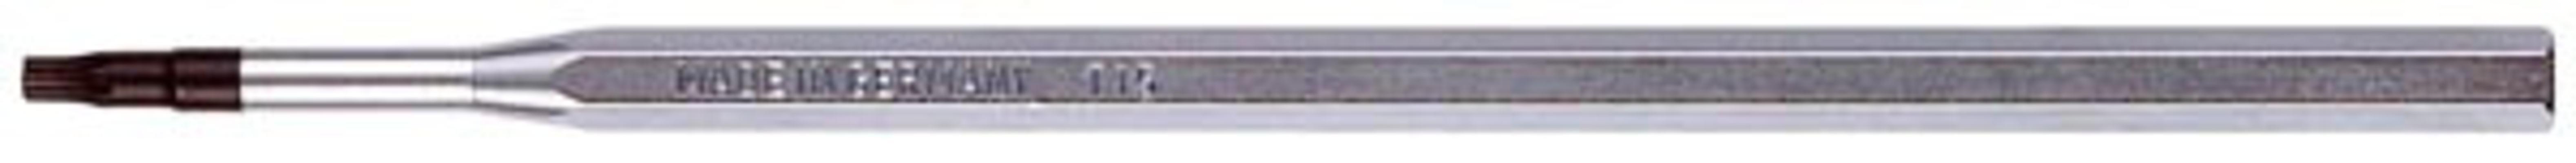 Momenttiruuvitaltankärki 3,0 x 0,5mm - Momenttiruuvitaltankärki 3,0 x 0,5mm